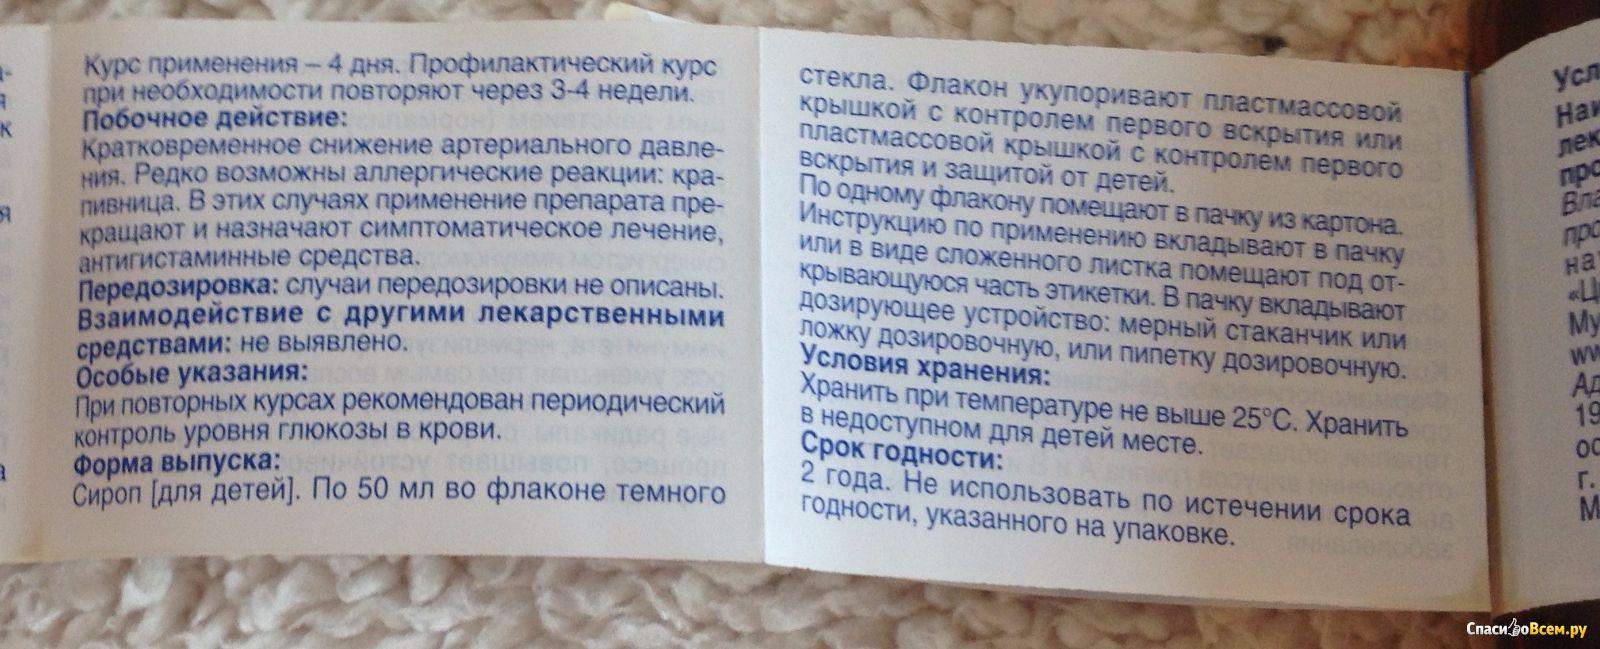 цитовир сироп инструкция по применению для детей